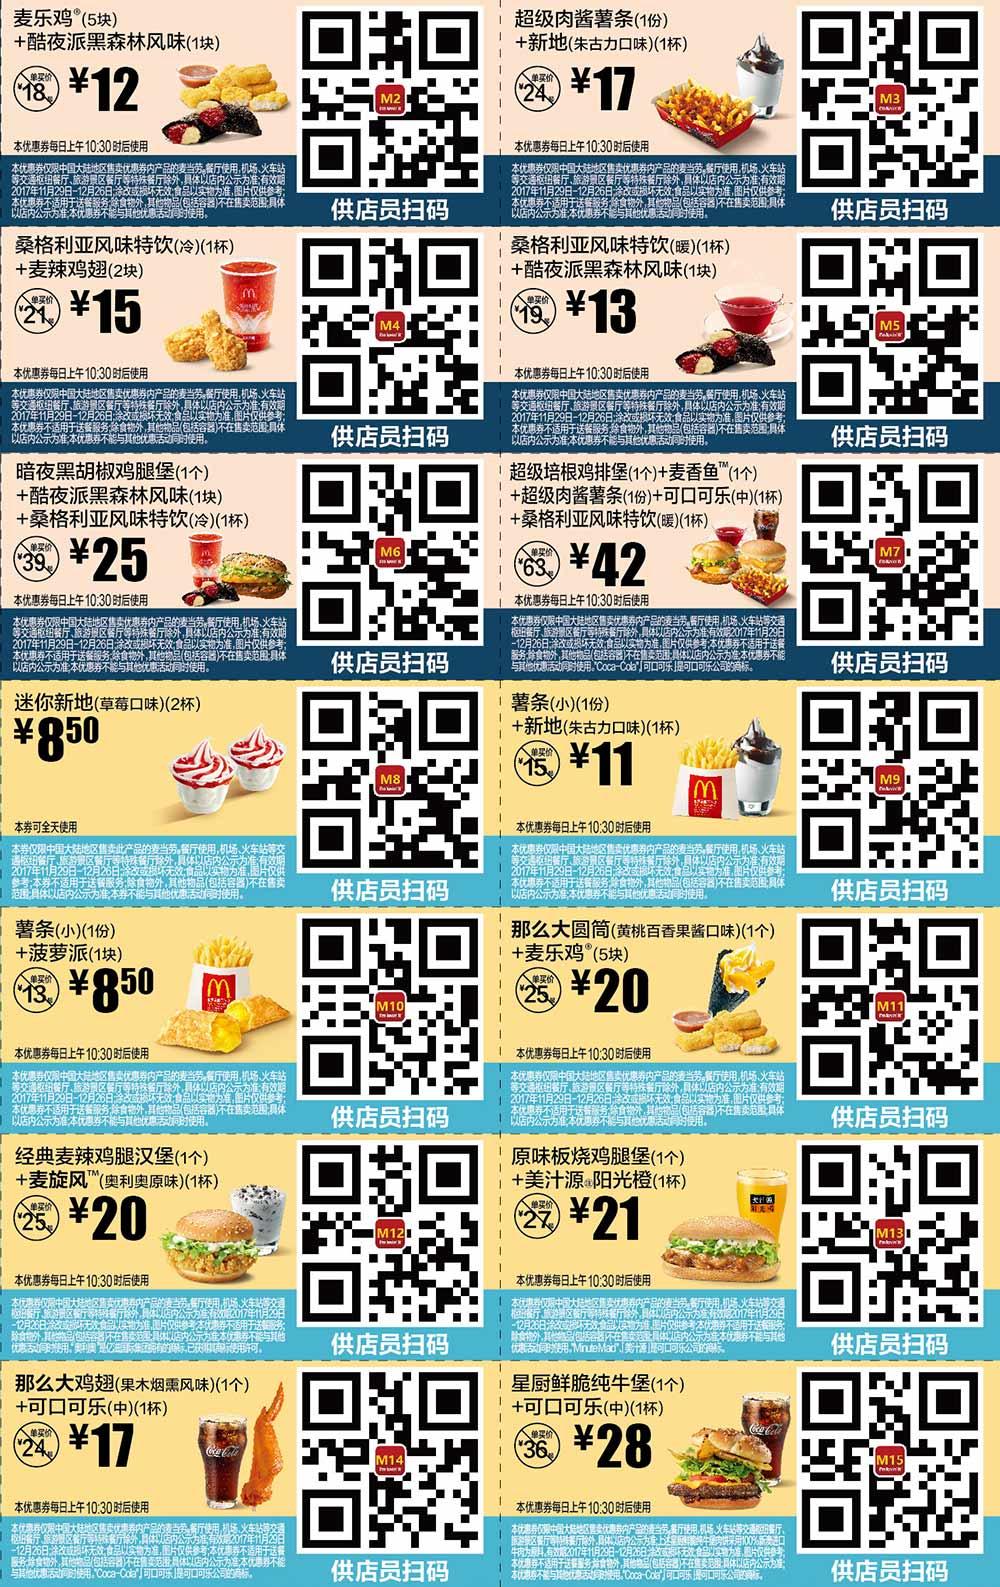 优惠券图片:麦当劳优惠券2017年11月12月份手机版整张版本,点餐出示给店员扫码享优惠价 有效期2017年11月29日-2017年12月26日